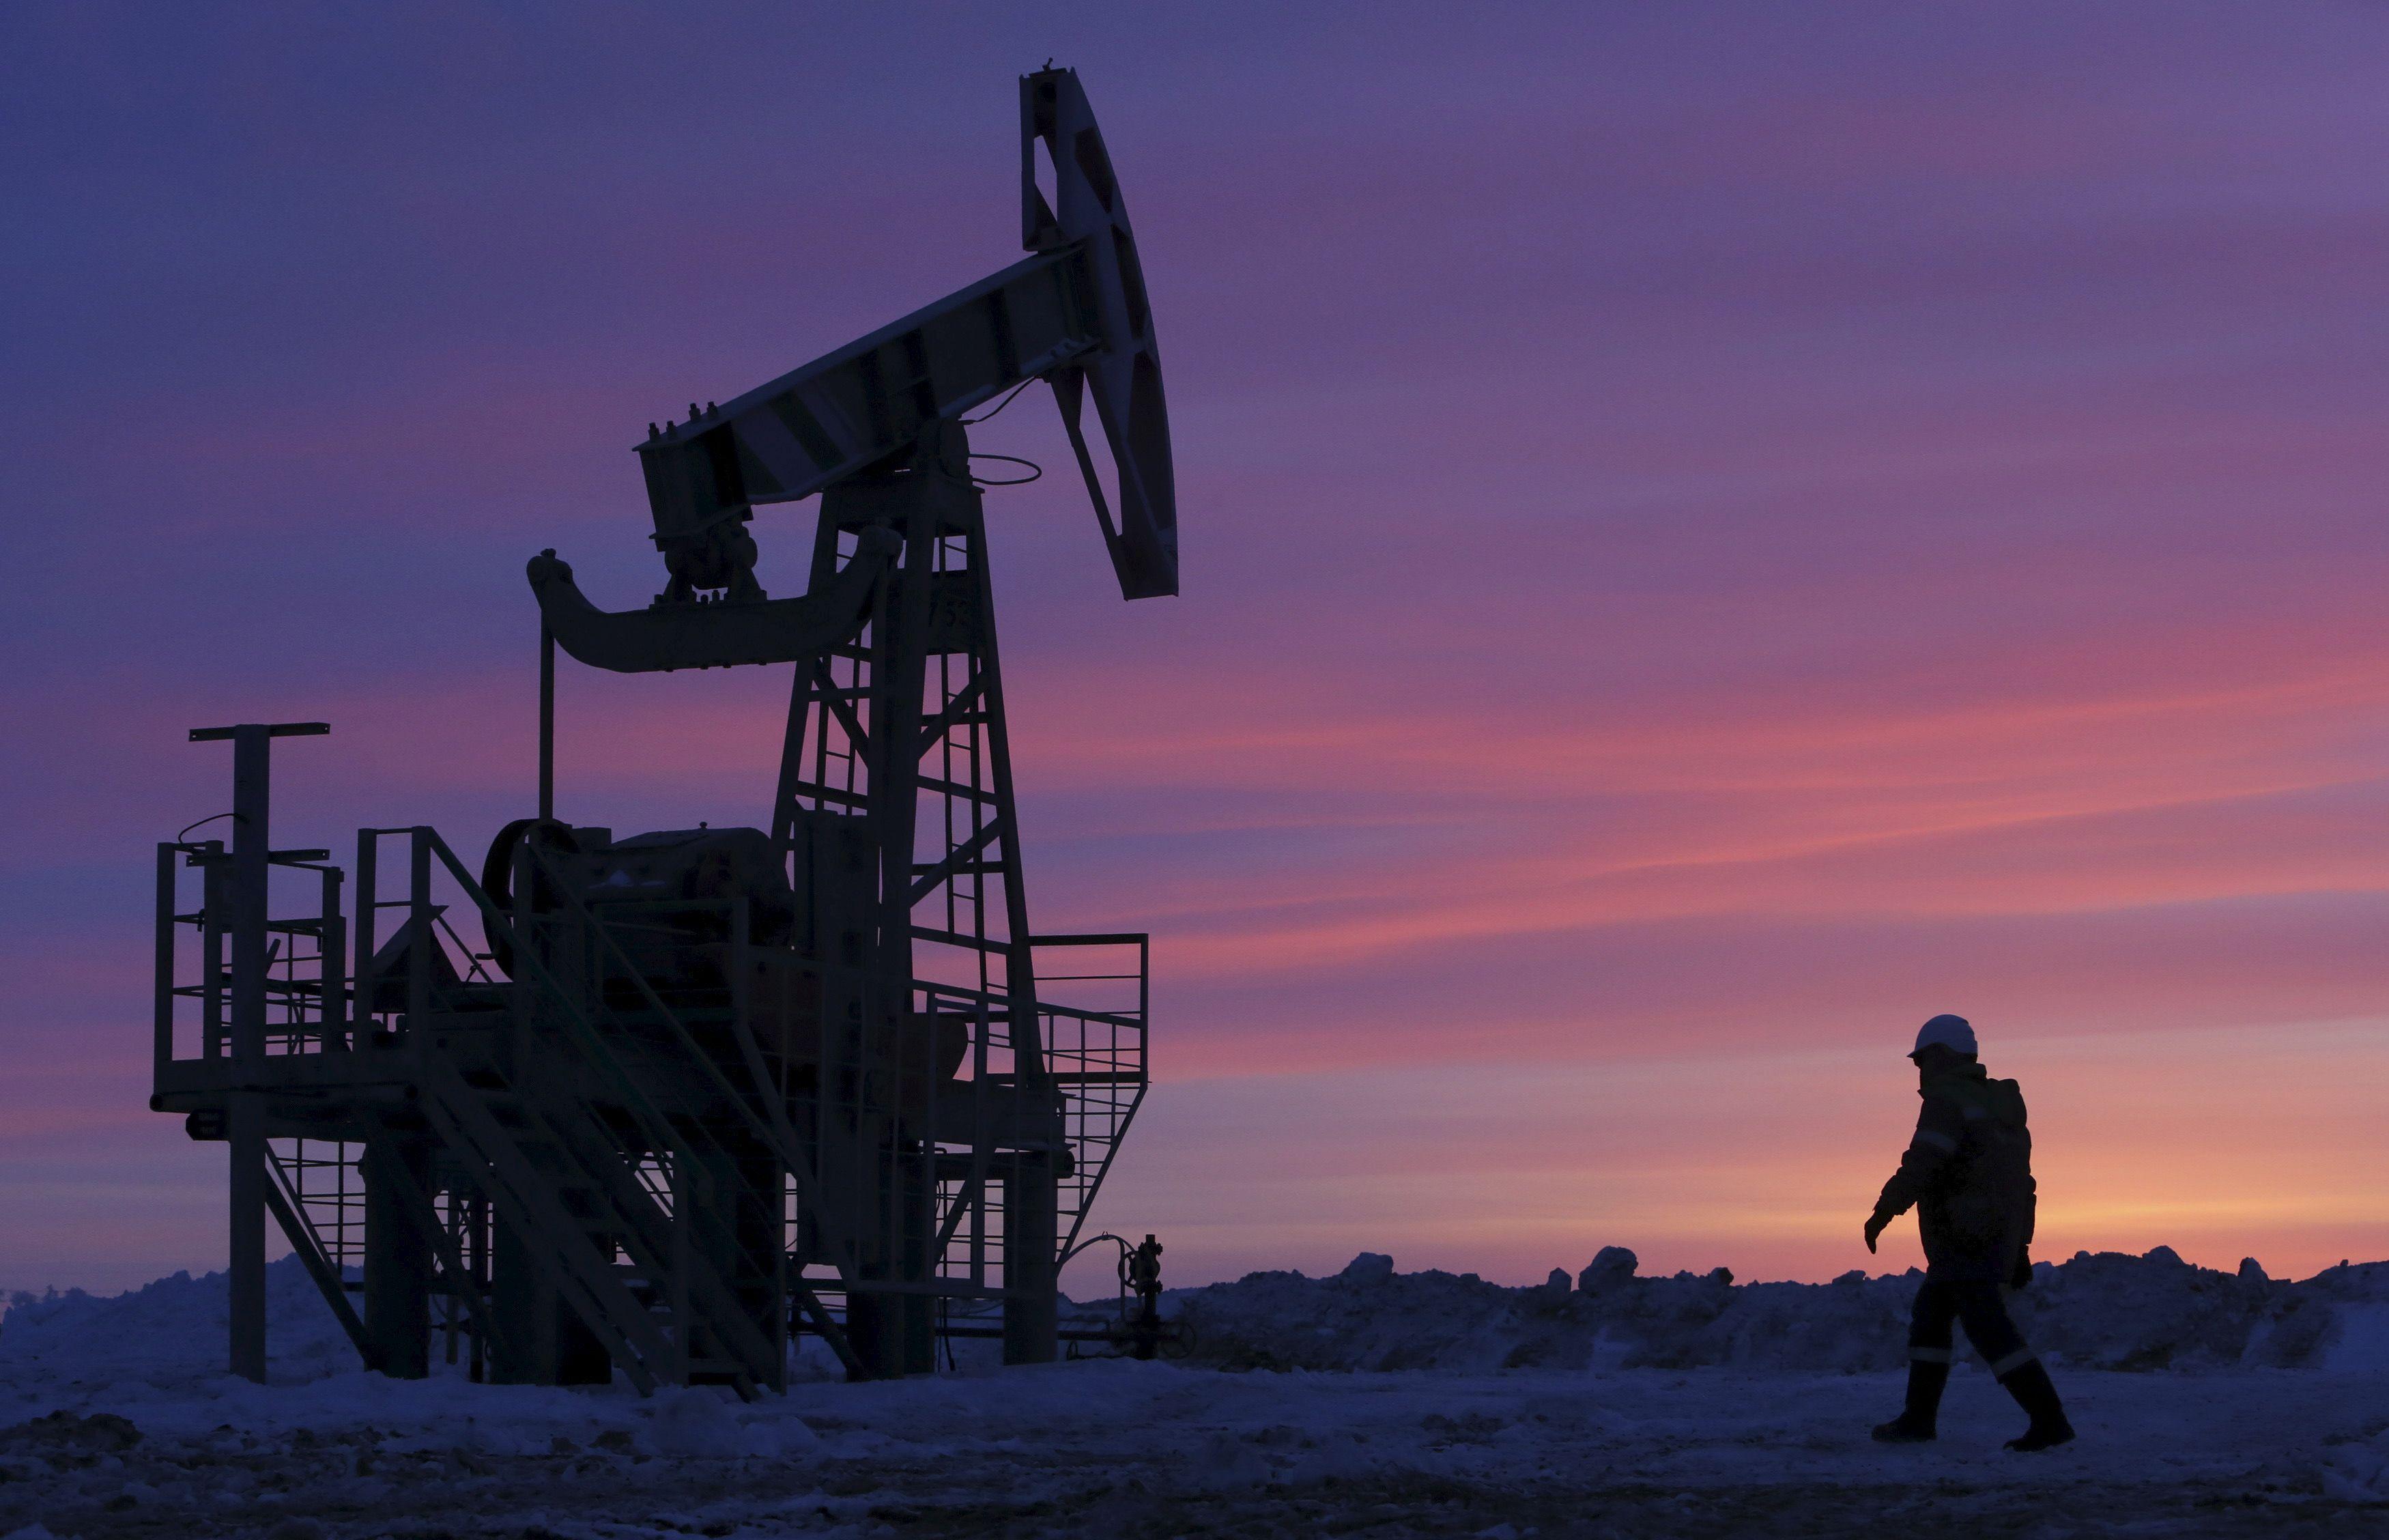 Le pétrole à la baisse, c'est reparti… jusqu'à quand ?